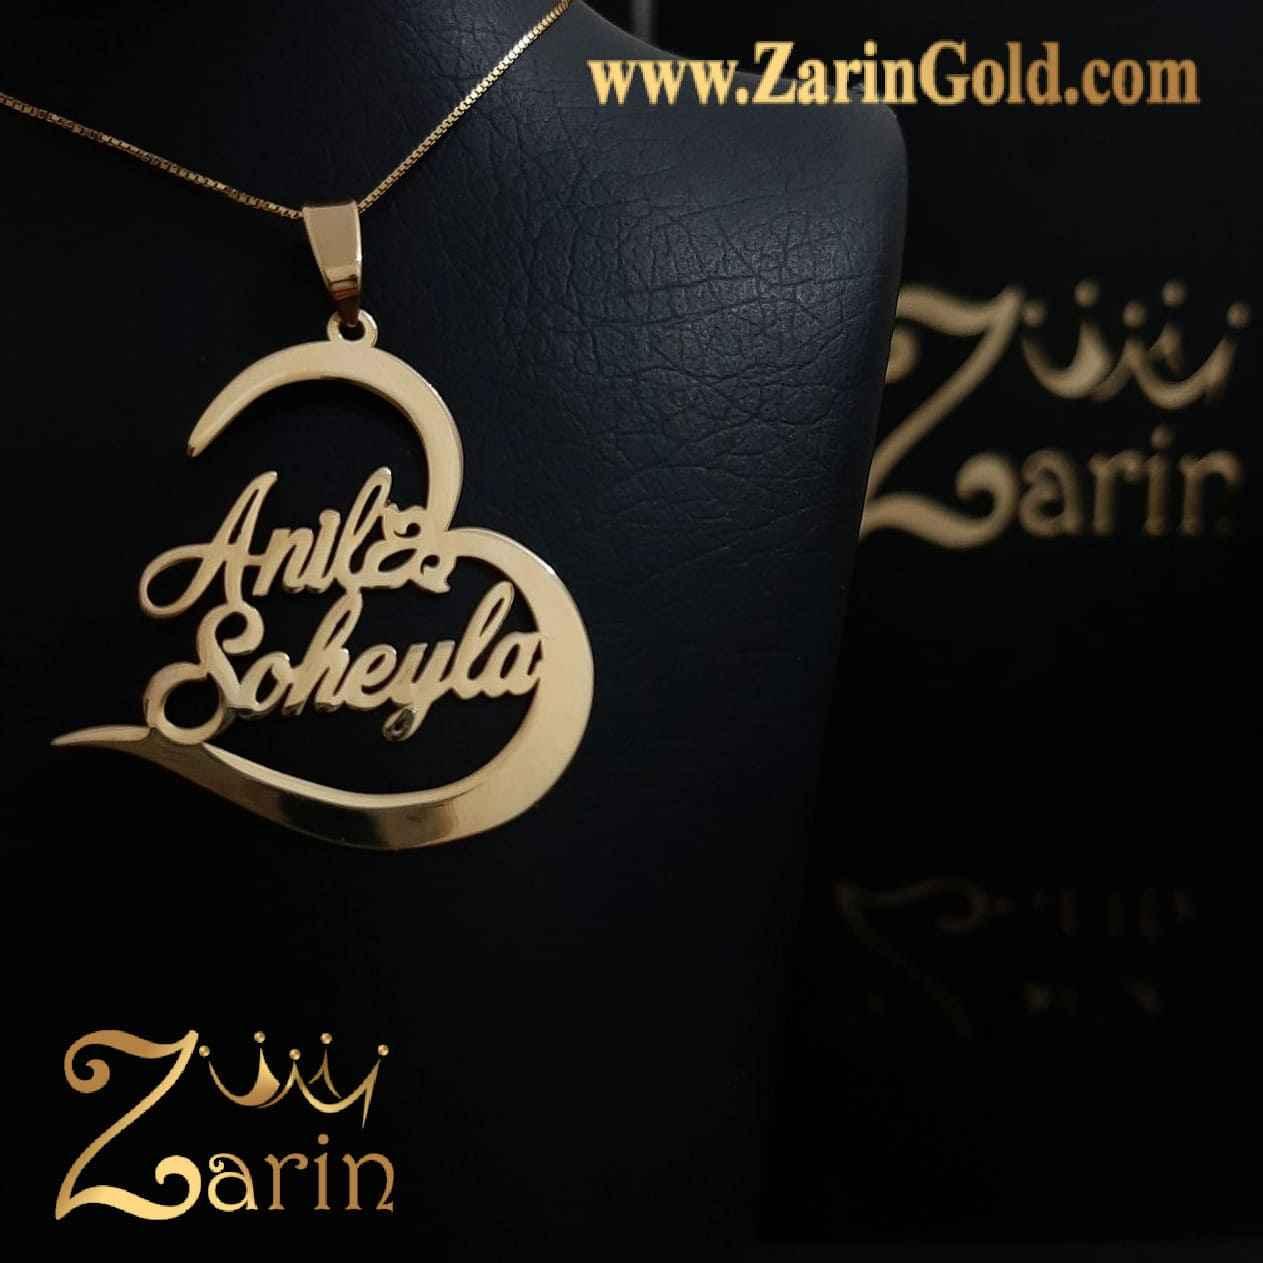 پلاک طلا ترکیبی دو اسم انگلیسی انیل و سهیلا